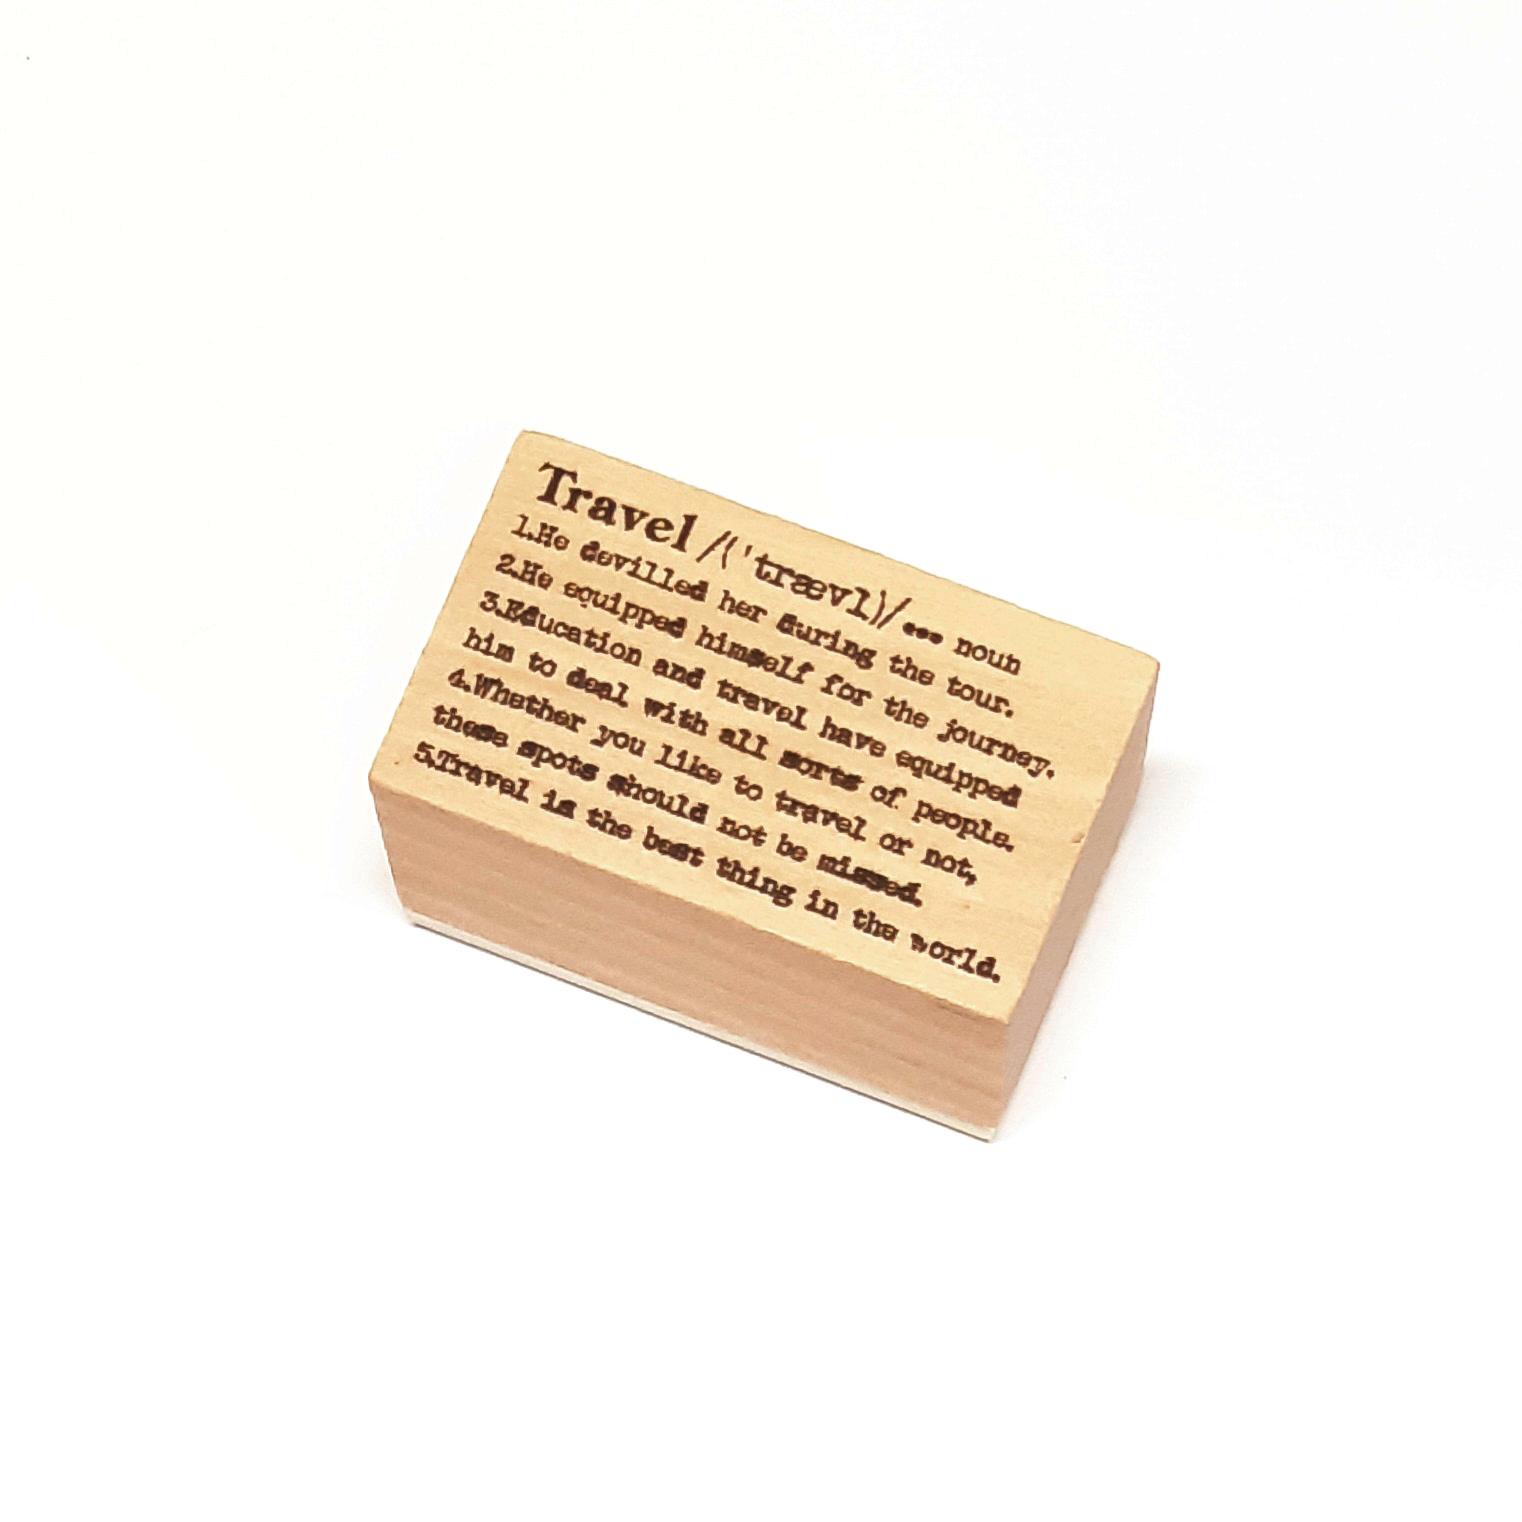 חותמת עץ - Travel